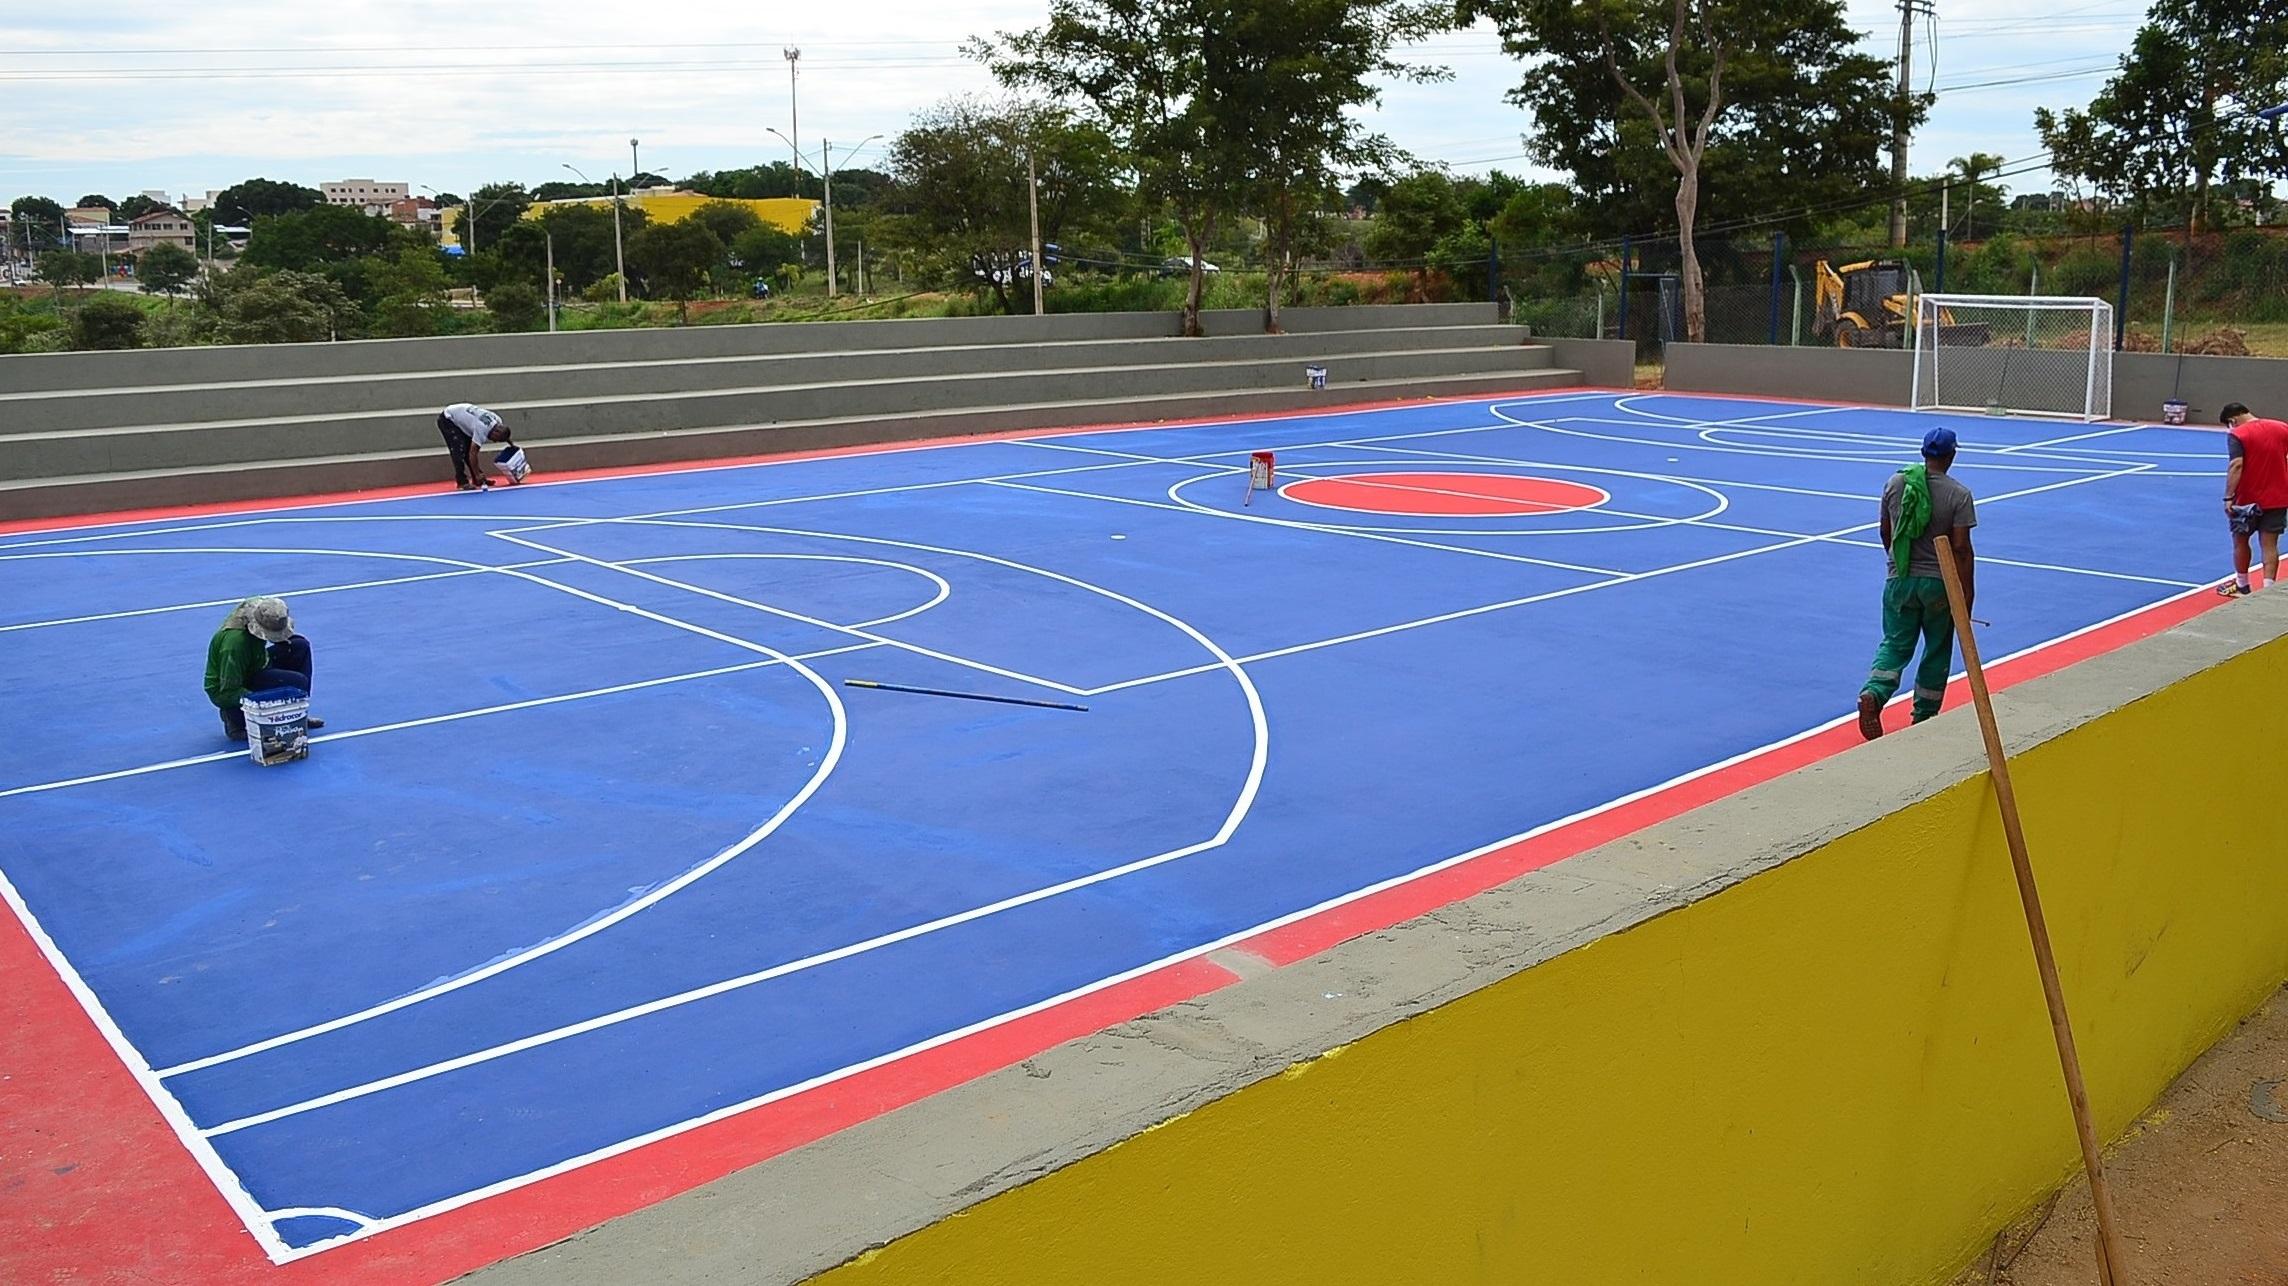 Imagem de destaque Parque Milton Prates ganha quadras de areia e poliesportiva, campinho society e obras de arte